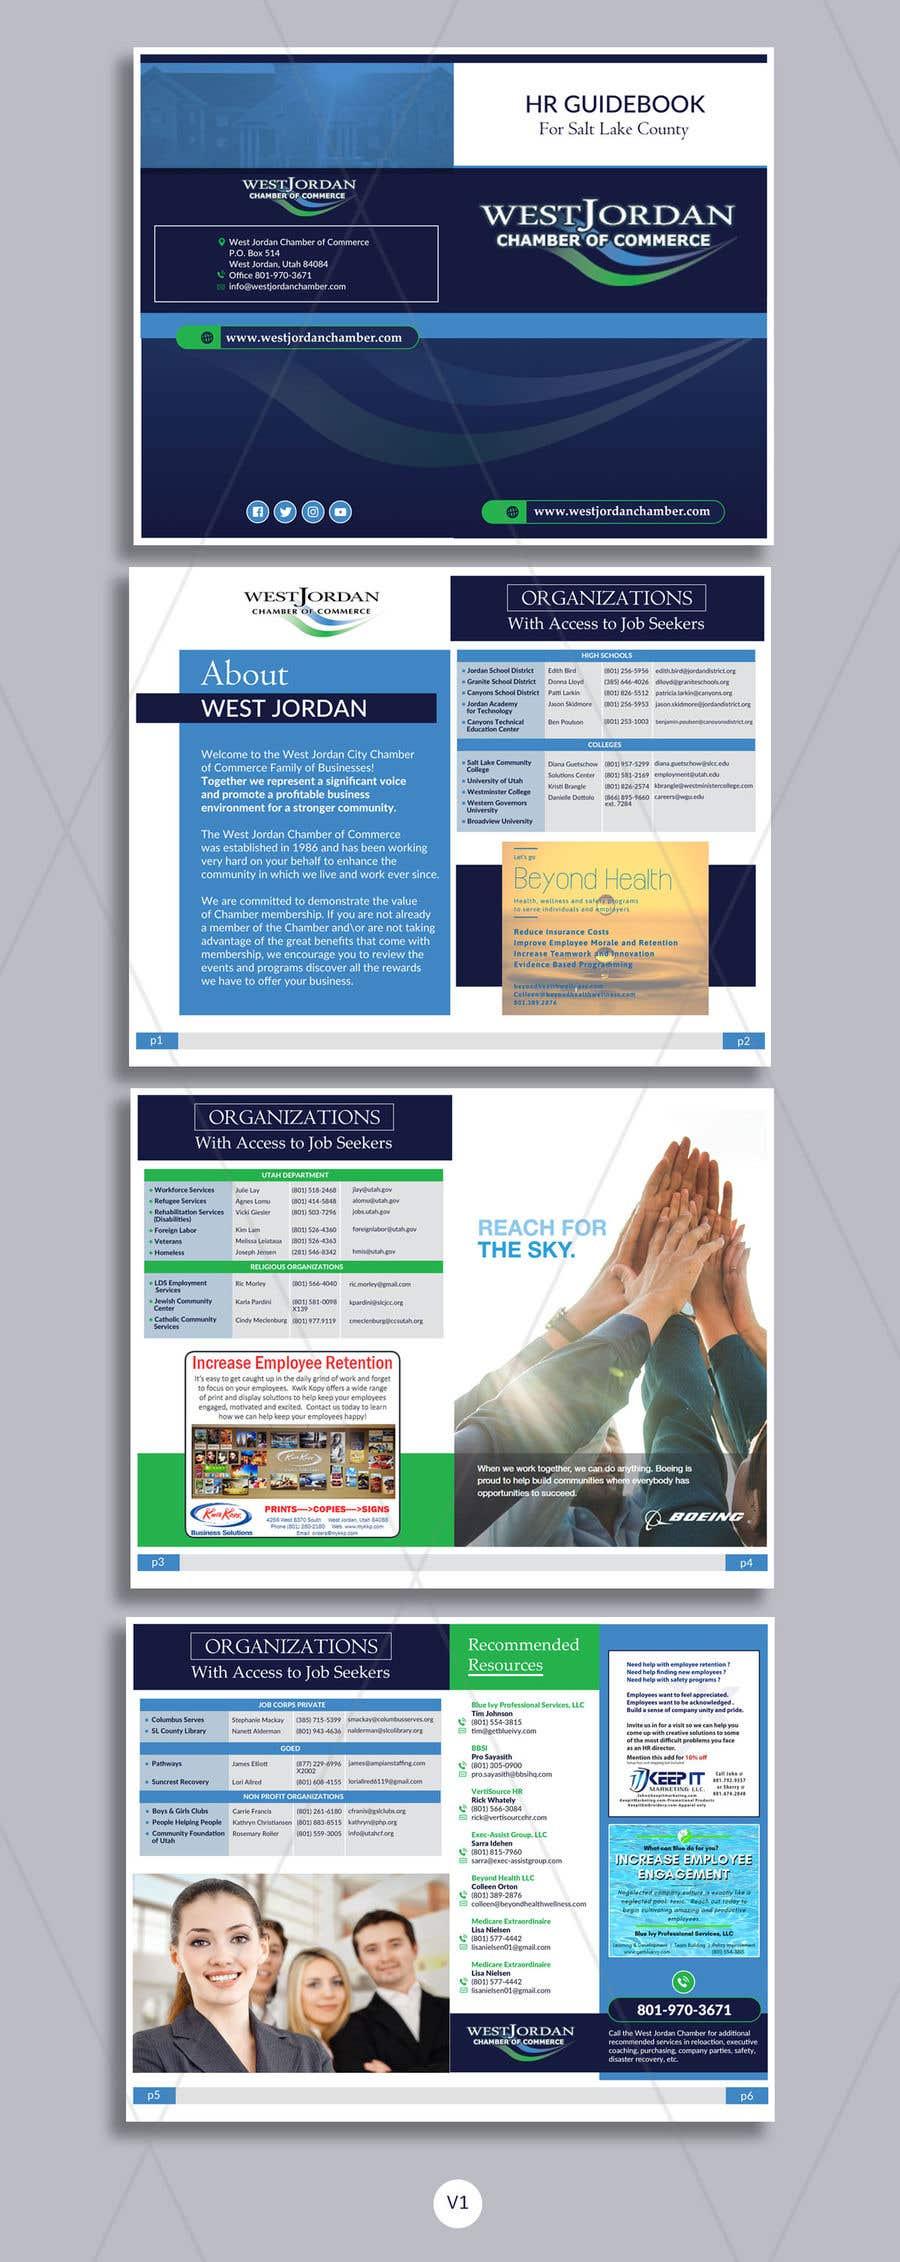 Konkurrenceindlæg #16 for Design a Booklet - HR Resource Guide